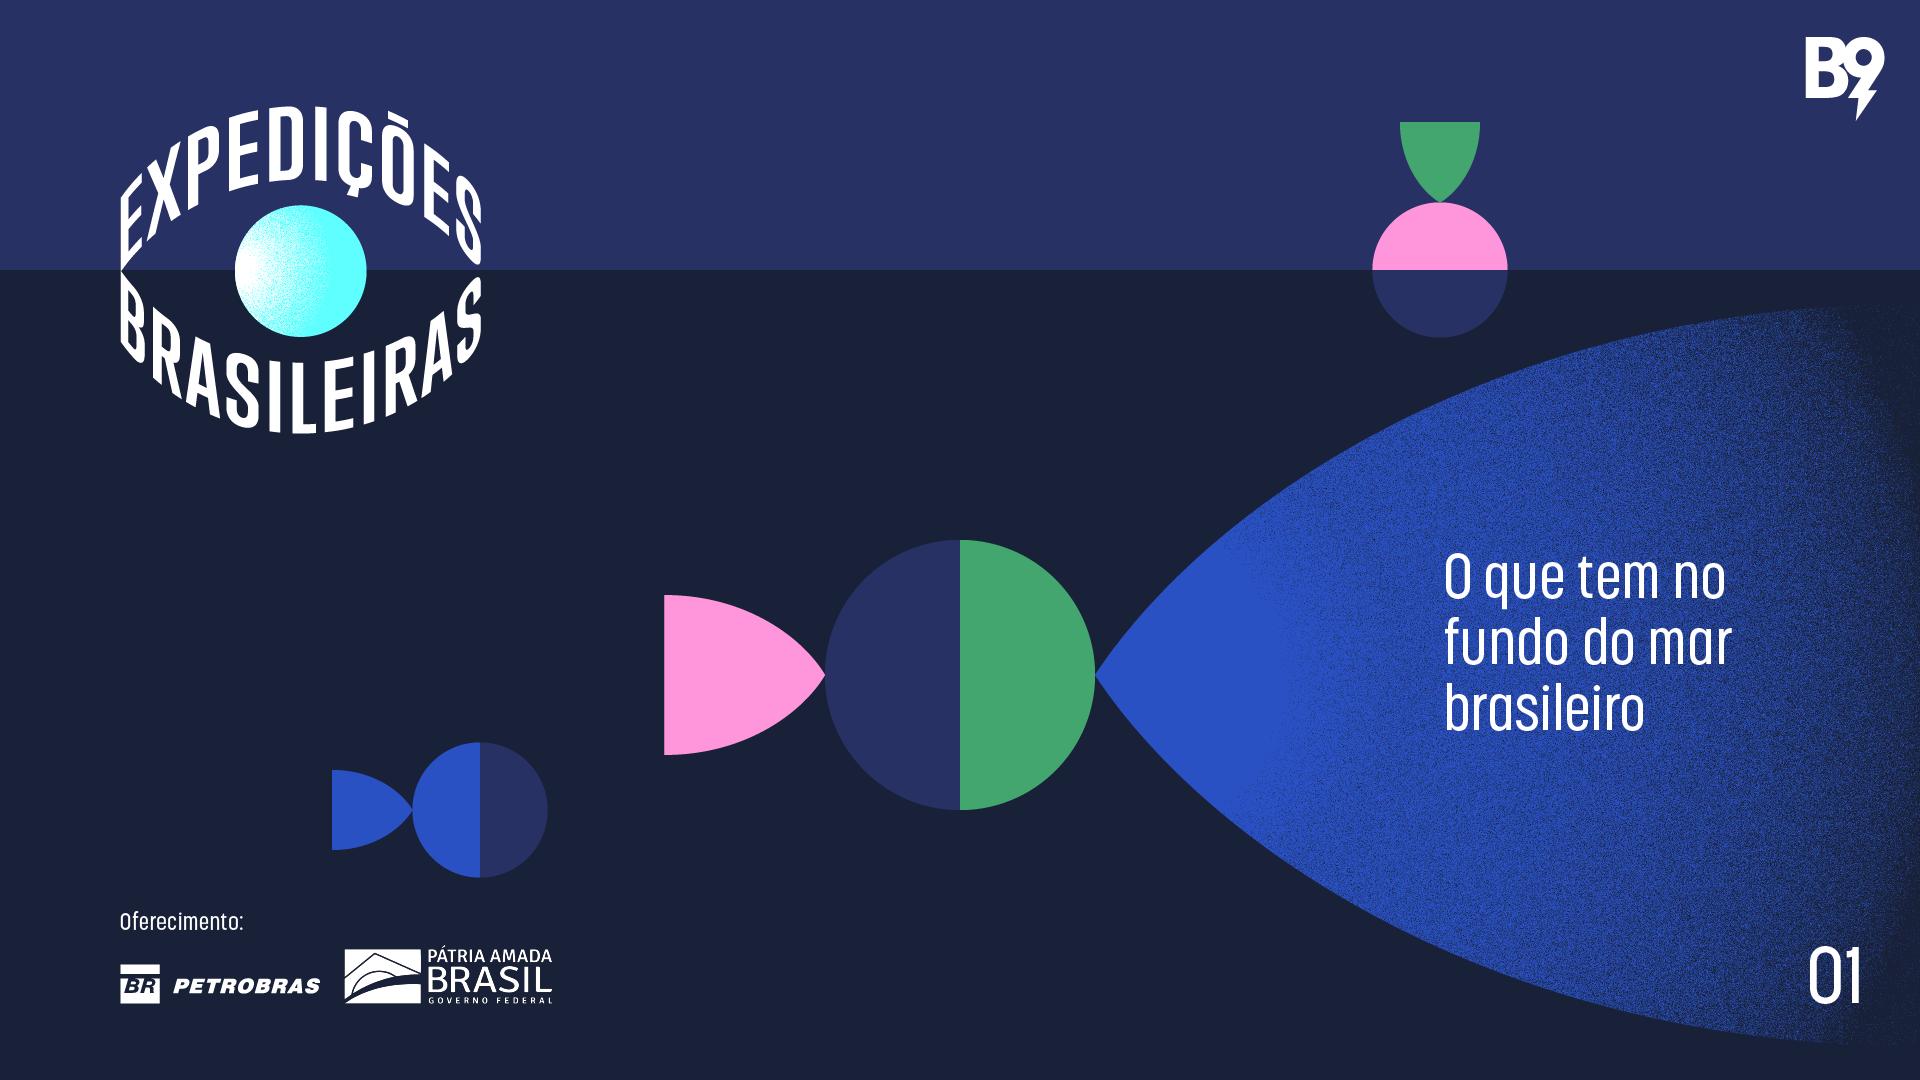 expedicoes-brasileiras-ep-1-o-que-tem-no-fundo-do-mar-brasileiro